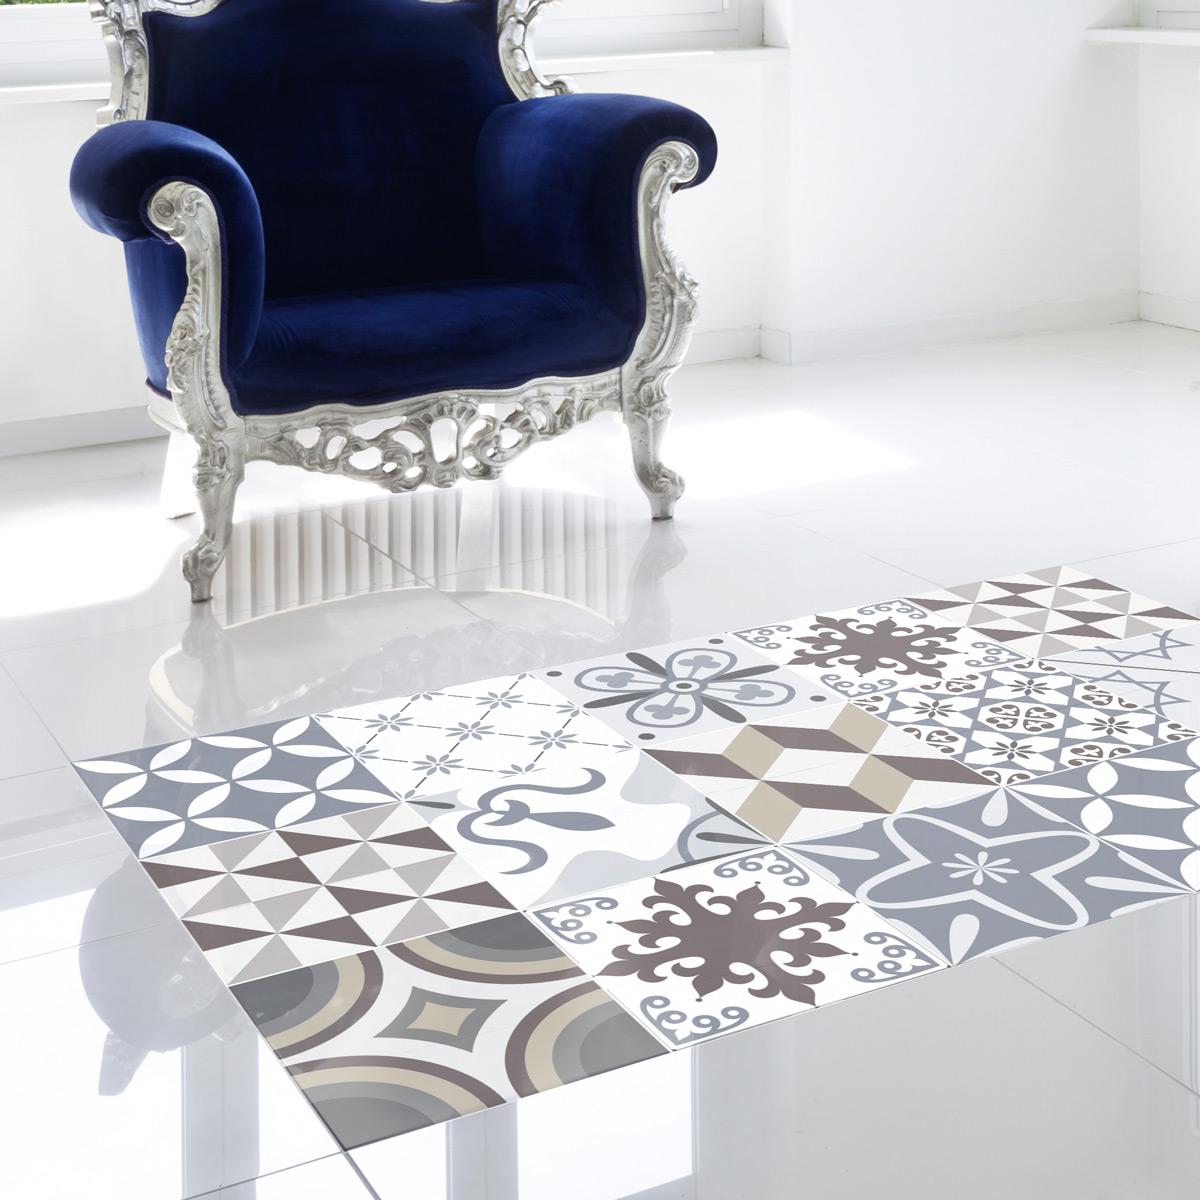 stickers carreaux de ciment sol tolomeo anti d rapant 60x100cm salle de bain et wc salle de. Black Bedroom Furniture Sets. Home Design Ideas